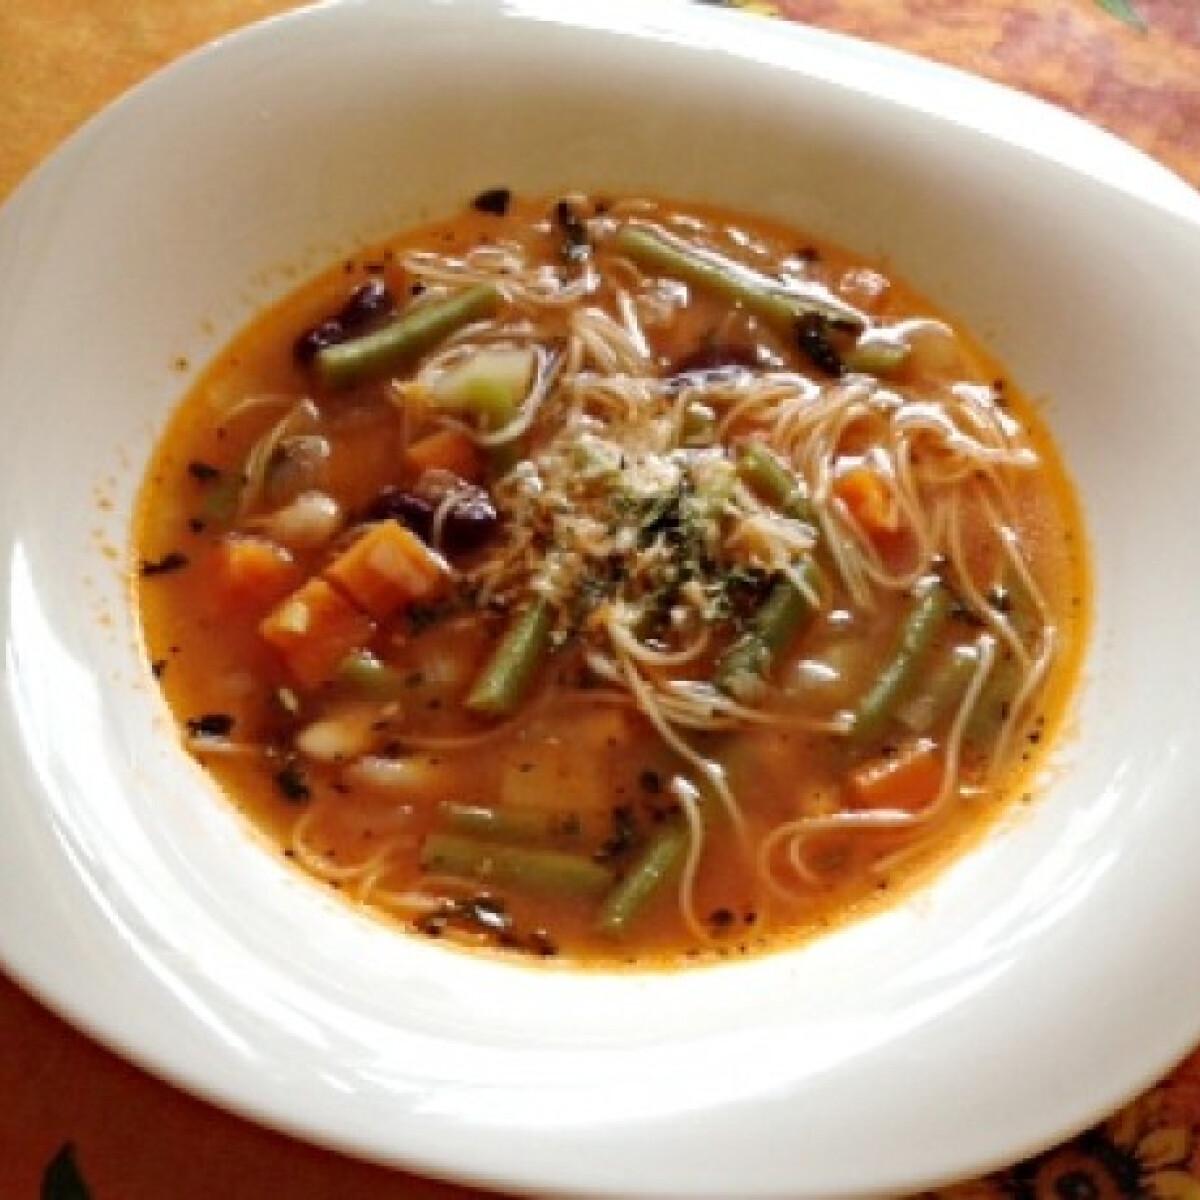 Ezen a képen: Soupe au Pistou